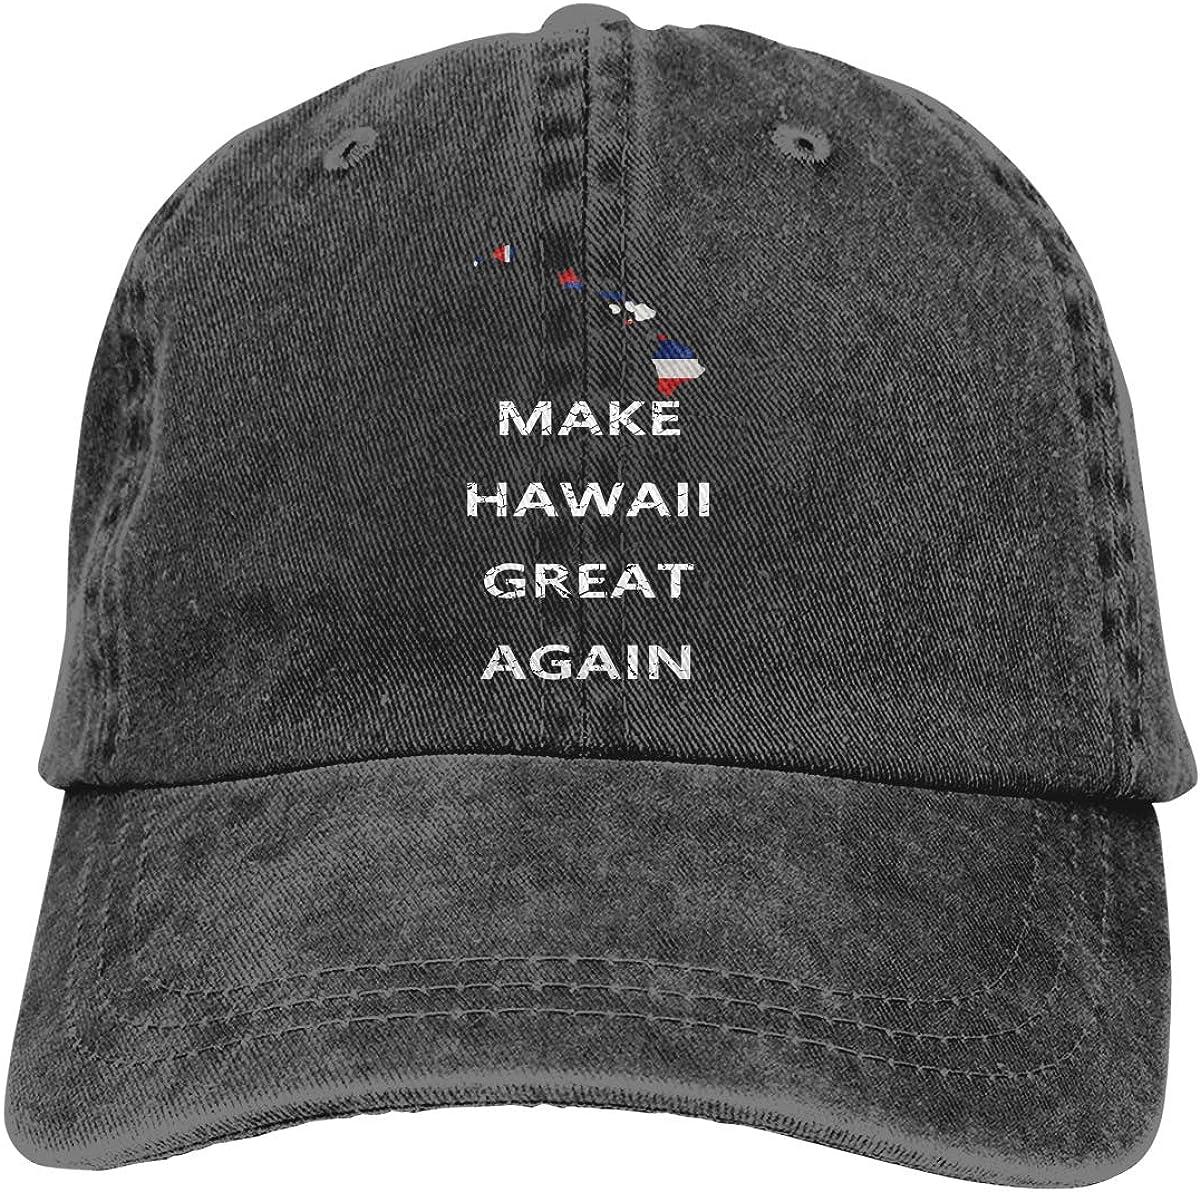 XXINNKQFWY Make Hawaii Great Again Adjustable Baseball Cap Dad Hat Trucker Cap